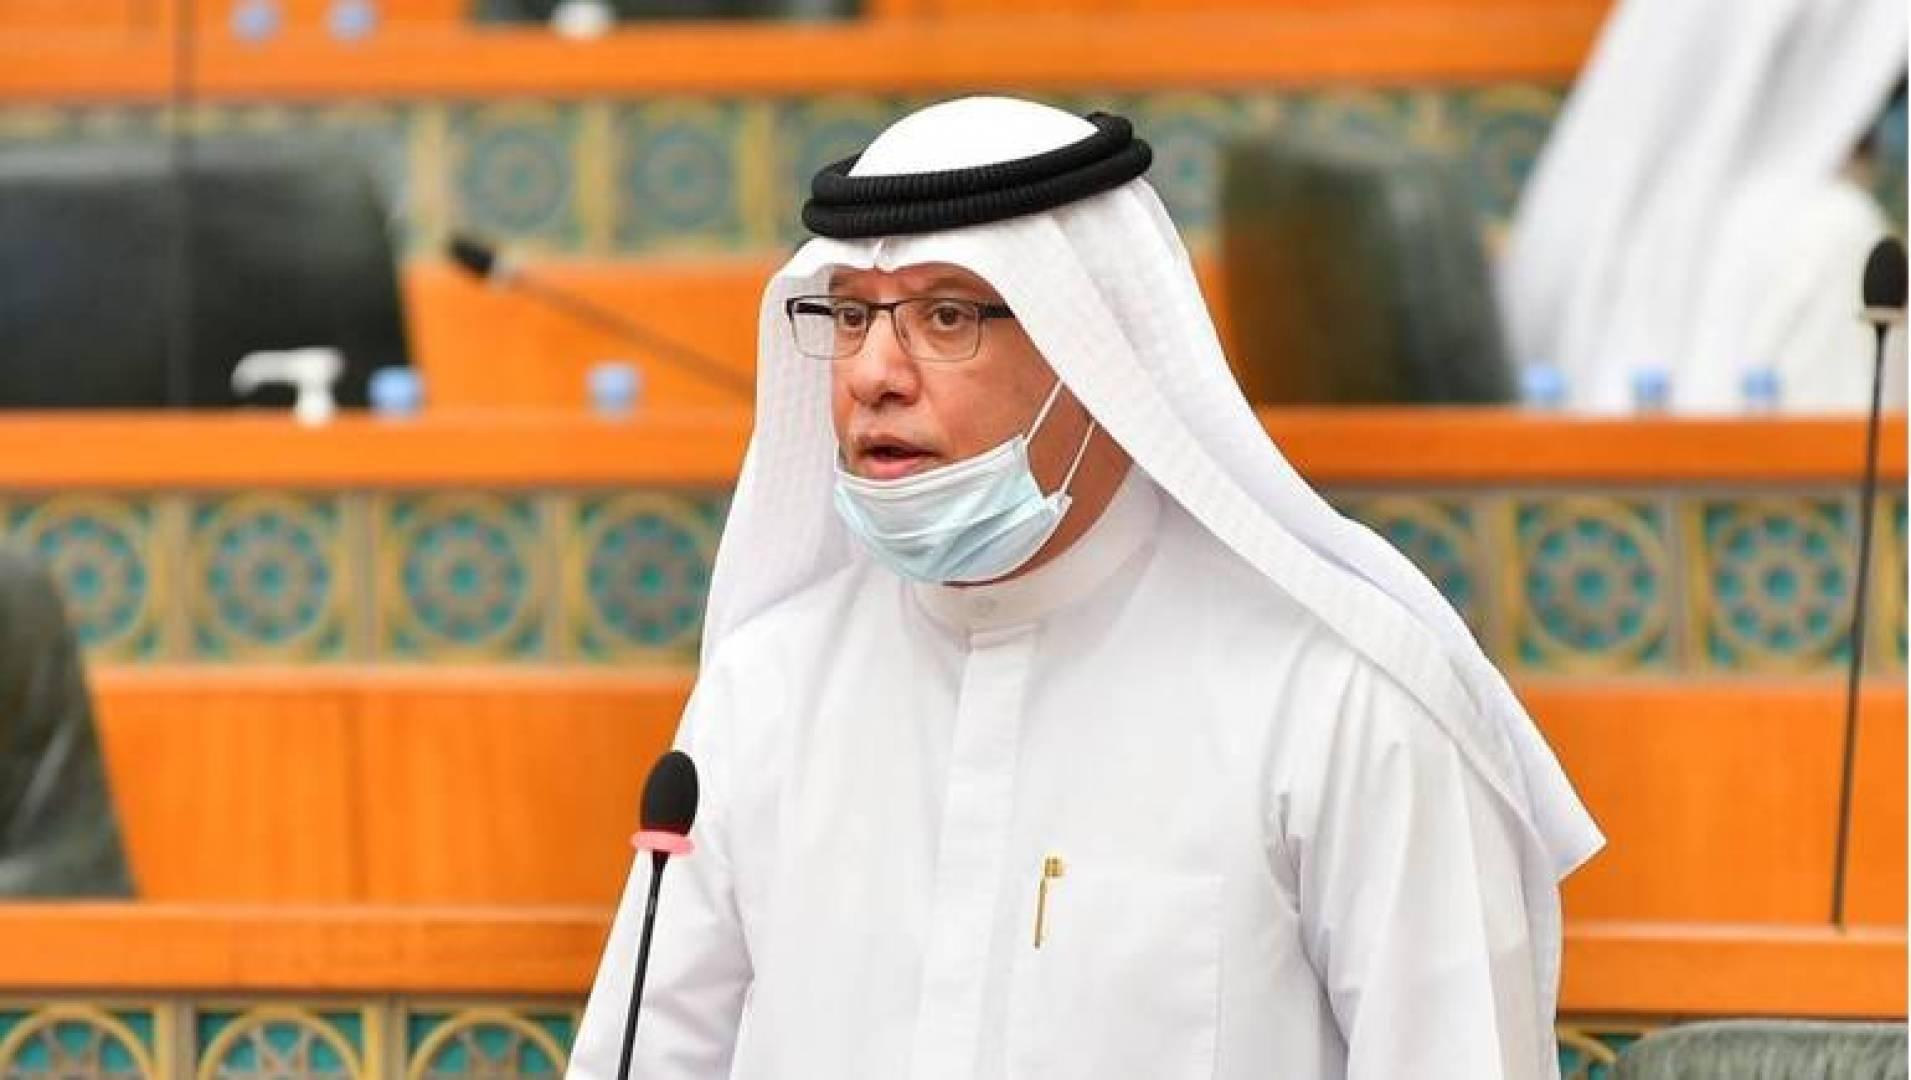 مبارك الحريص: الحكومة علمت بتسريب التحقيقات بشأن الصندوق الماليزي